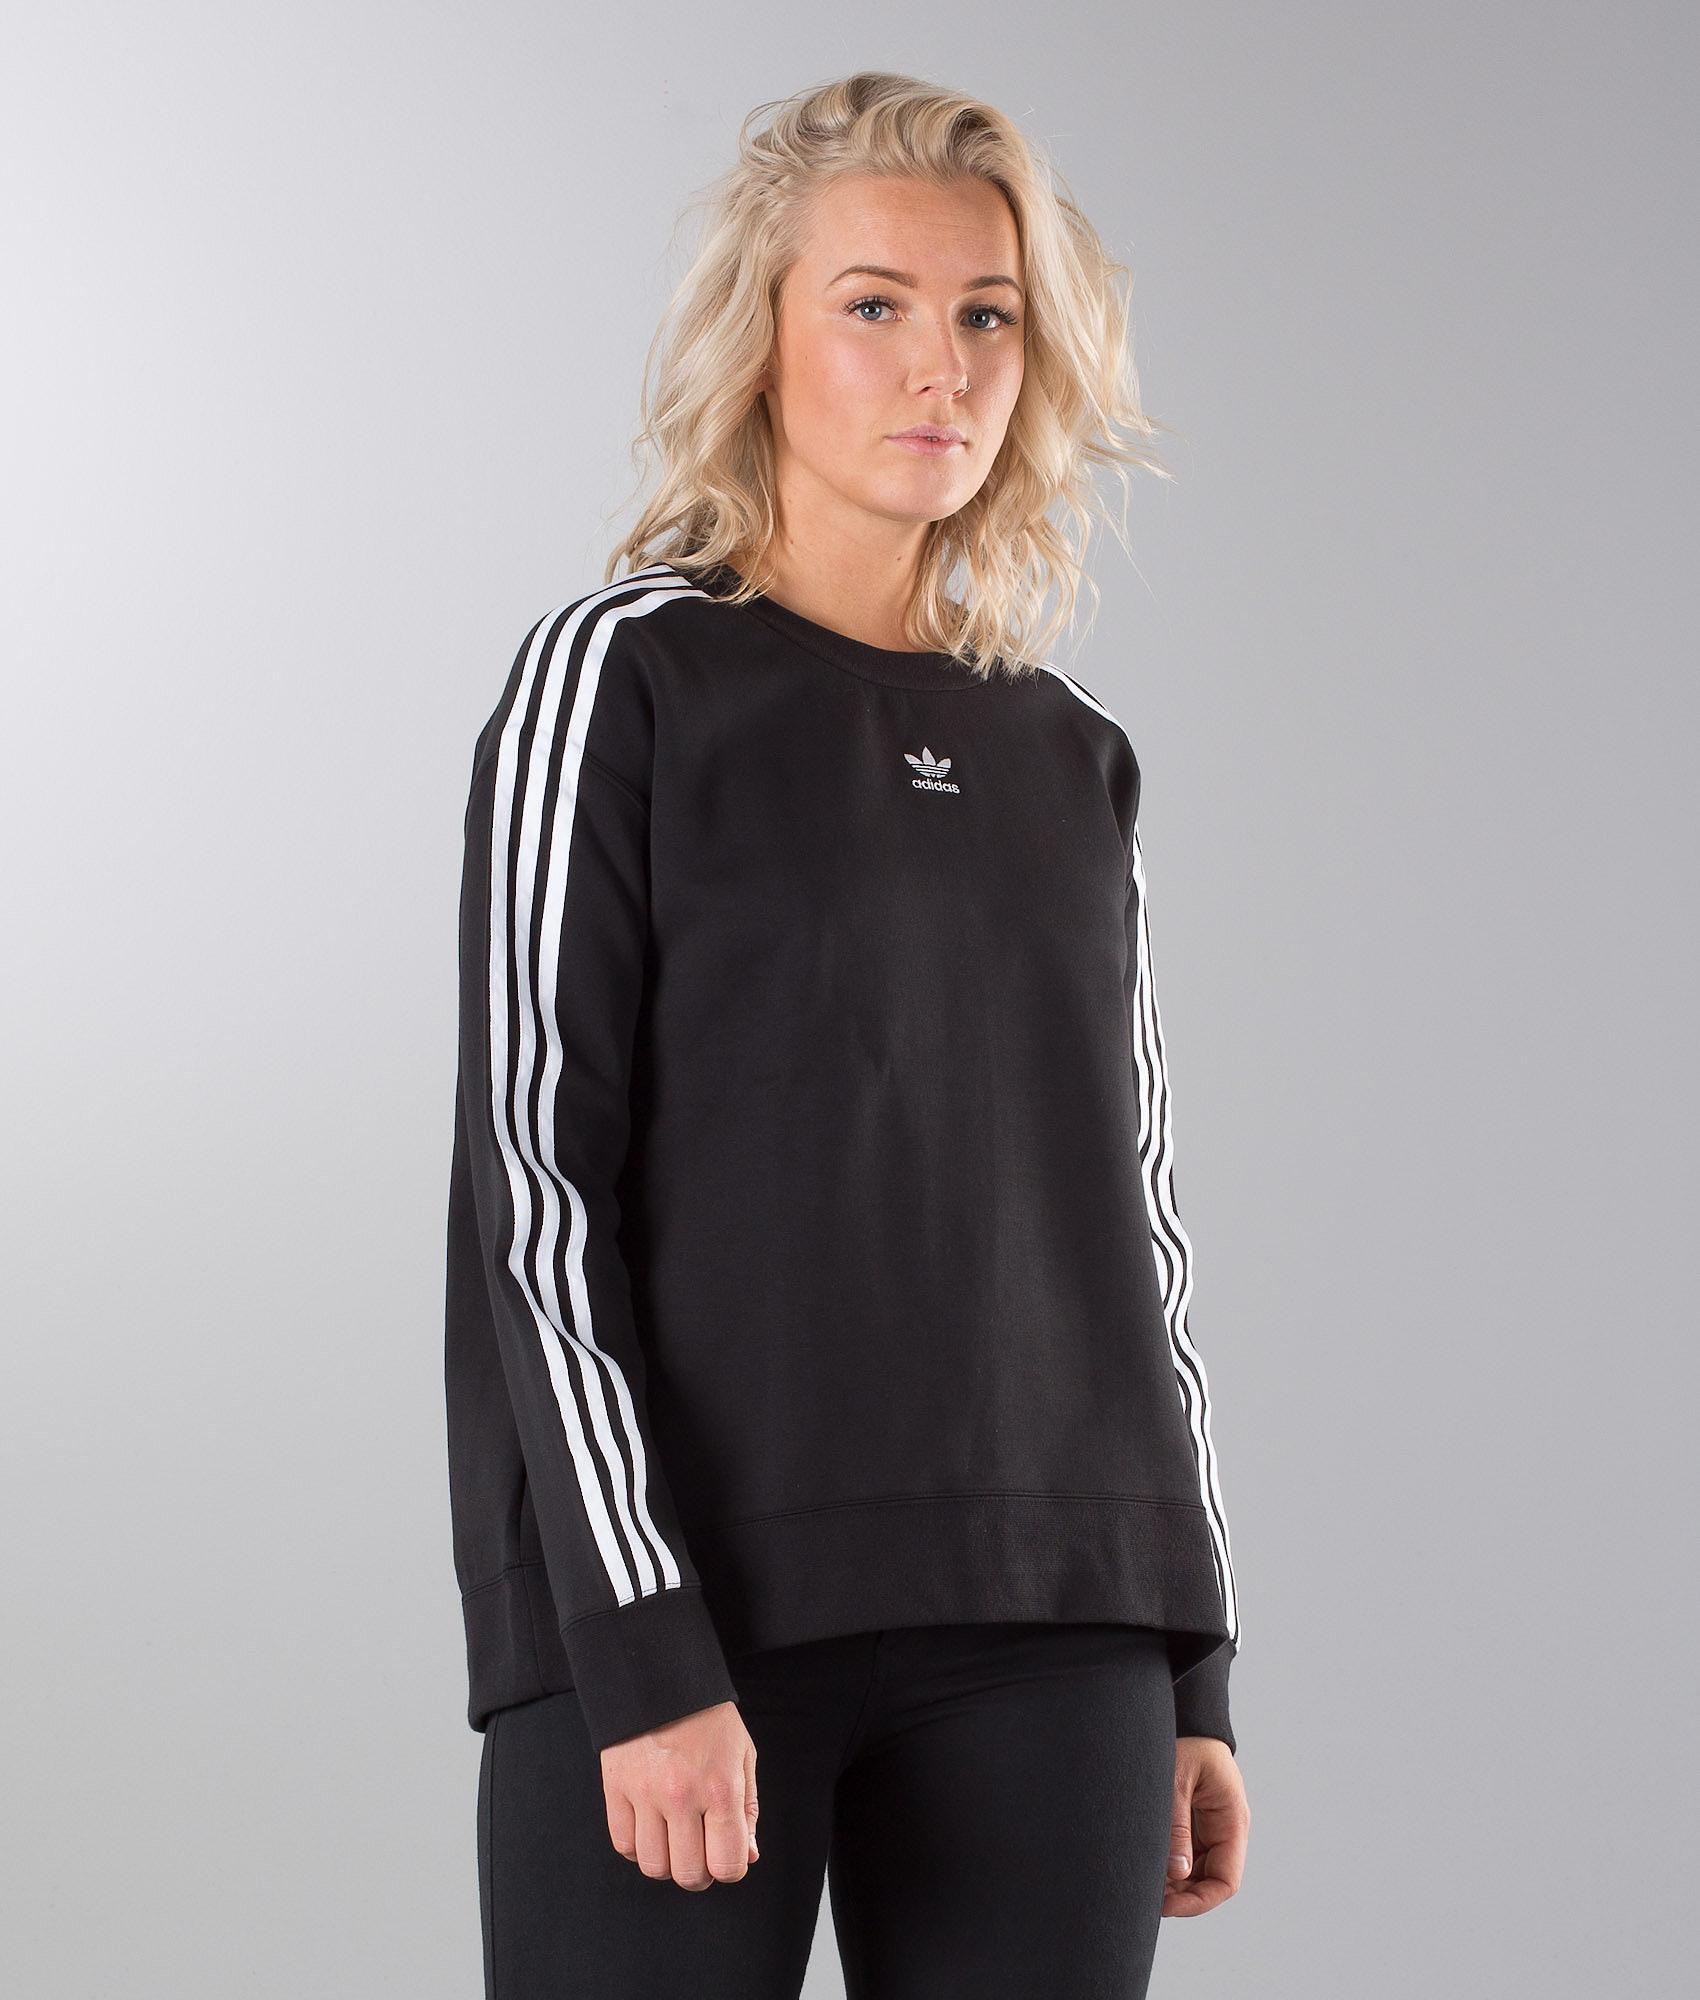 20c6a0b4a446b0 Adidas Originals Crew Sweater Black - Ridestore.com